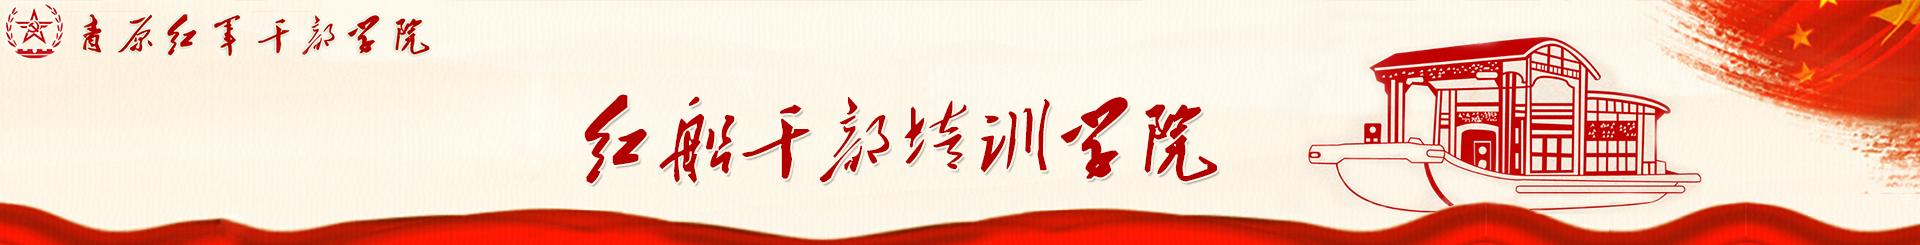 嘉兴红船培训学院